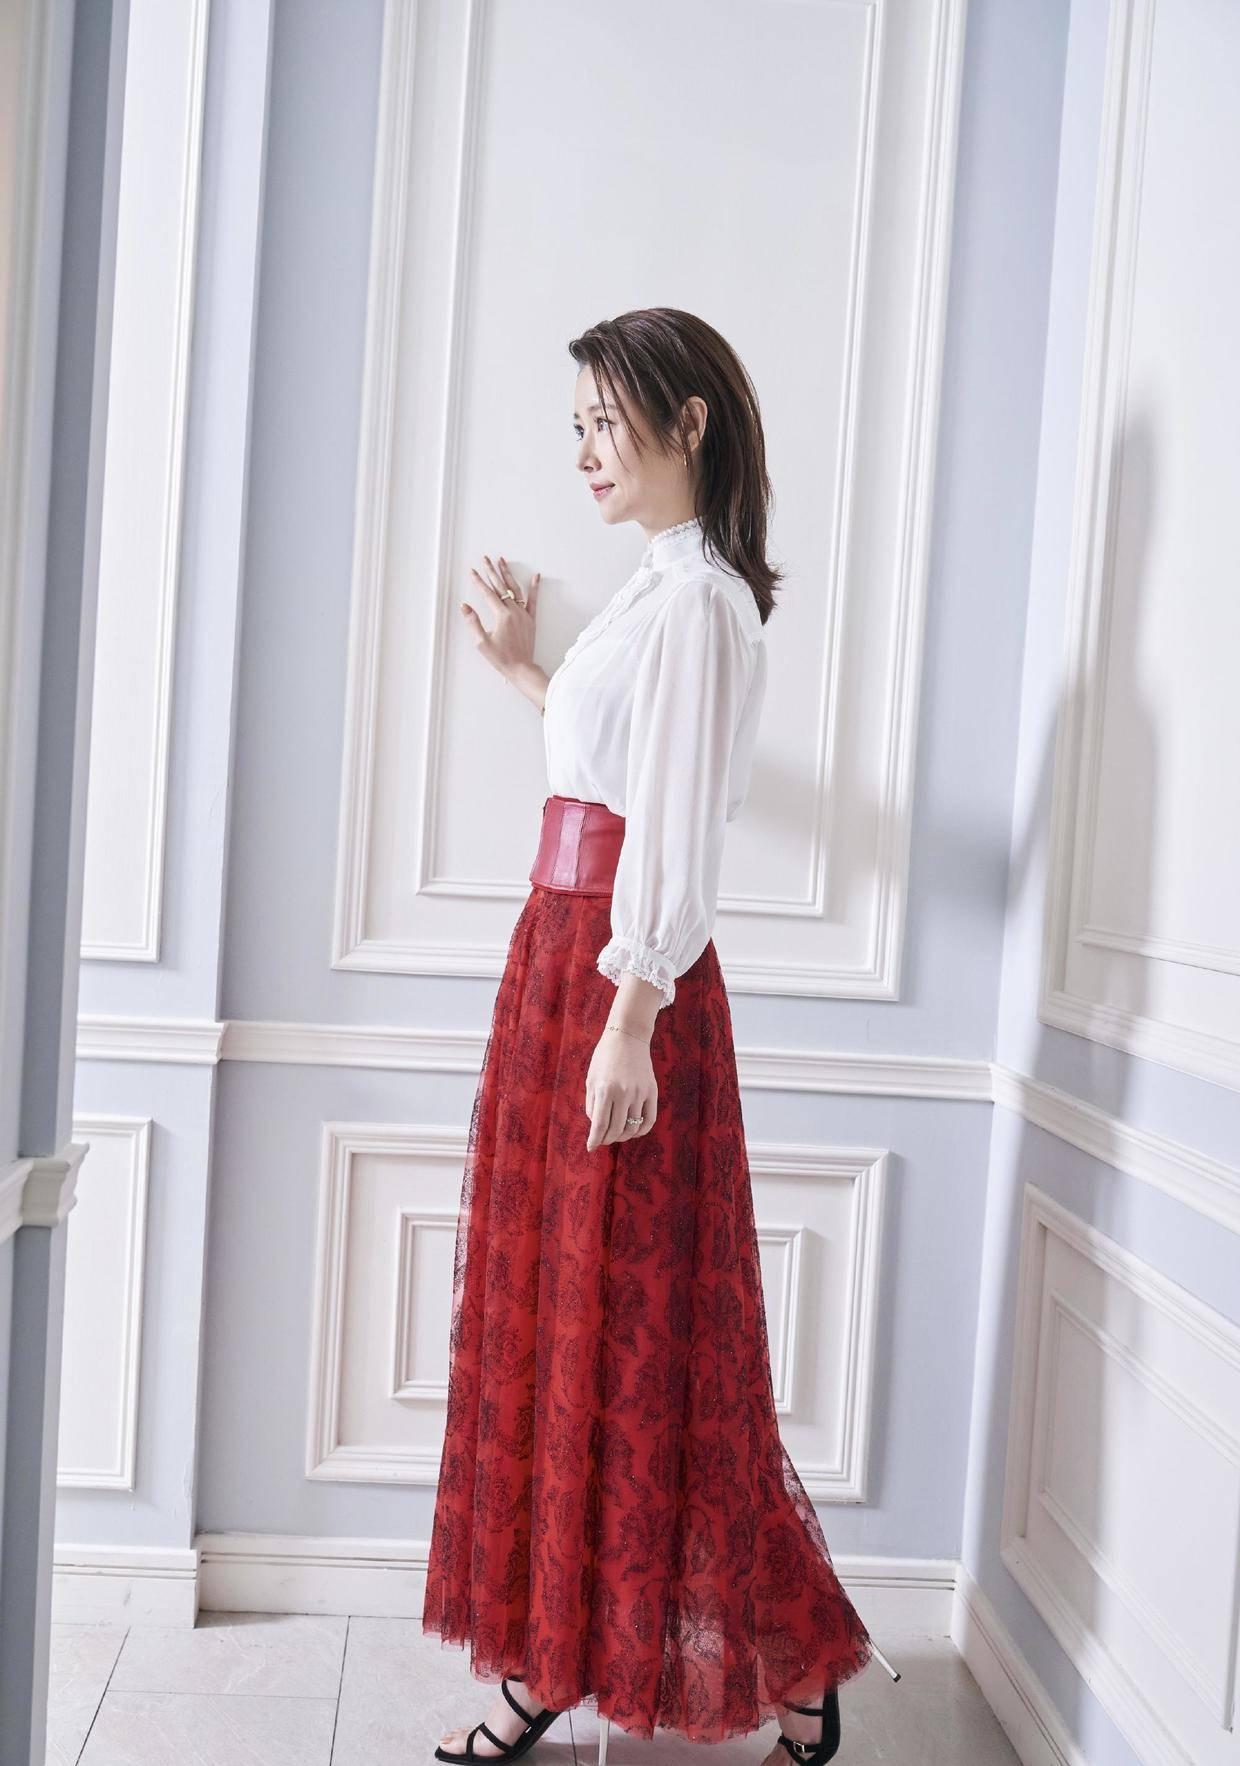 林心如真的太会穿,衬衫配印花半身裙优雅大气,真是温柔到极致了